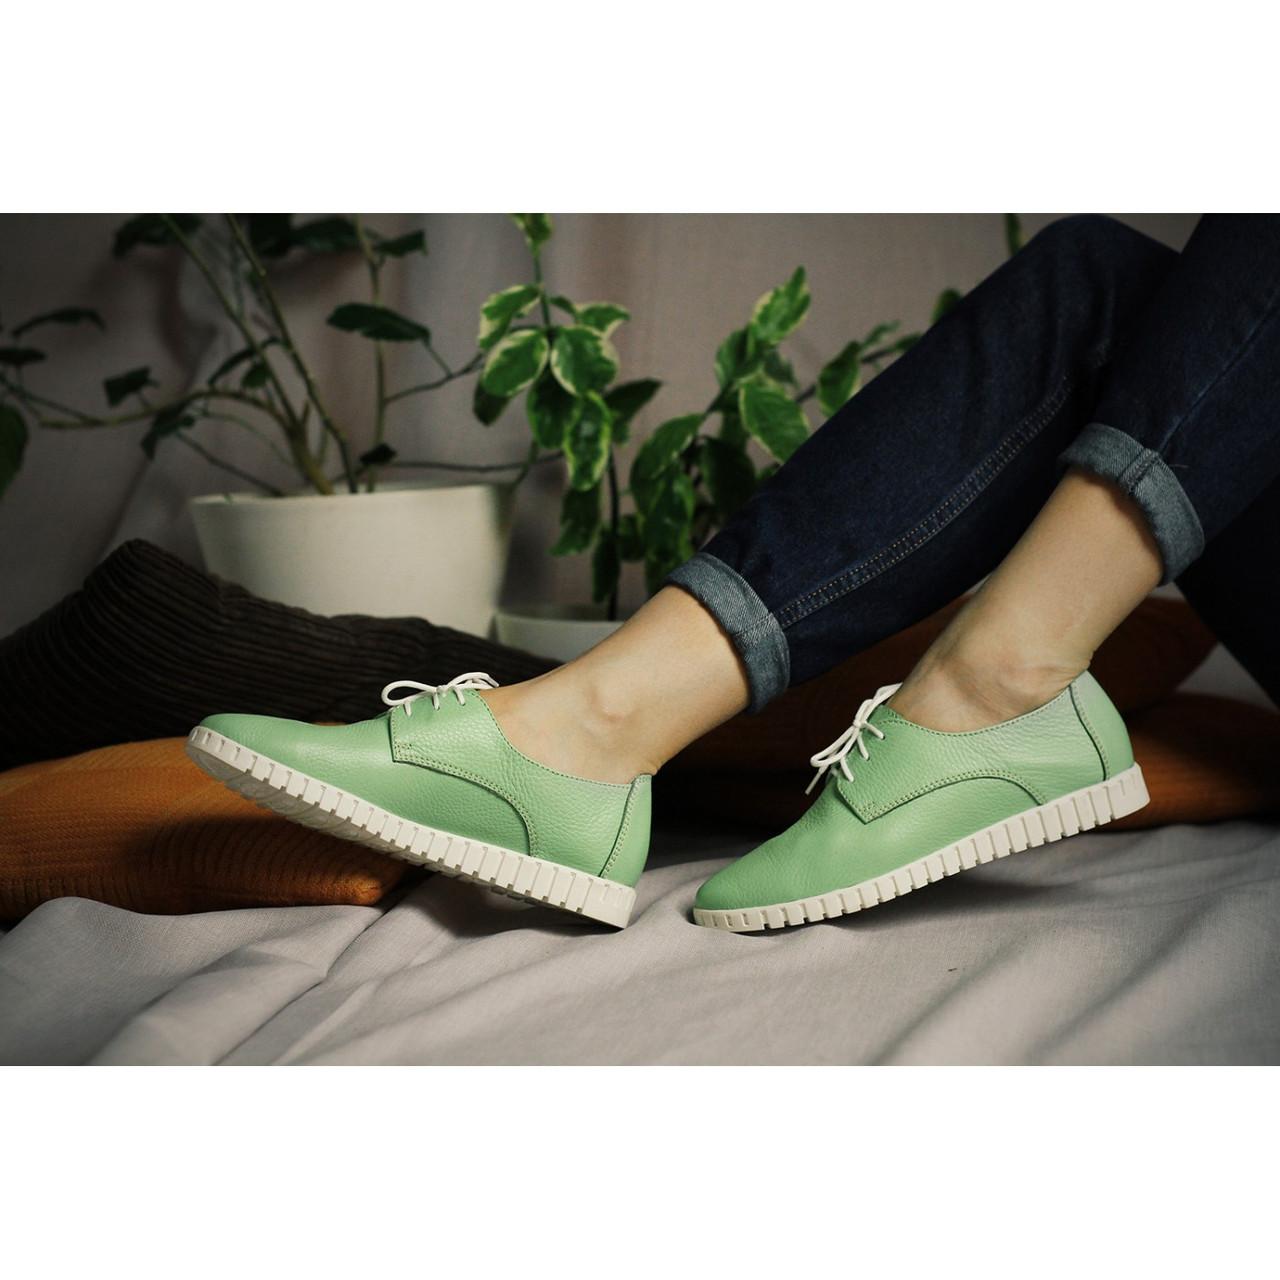 485502a8 Зеленые кожаные кеды - Интернет магазин женской обуви